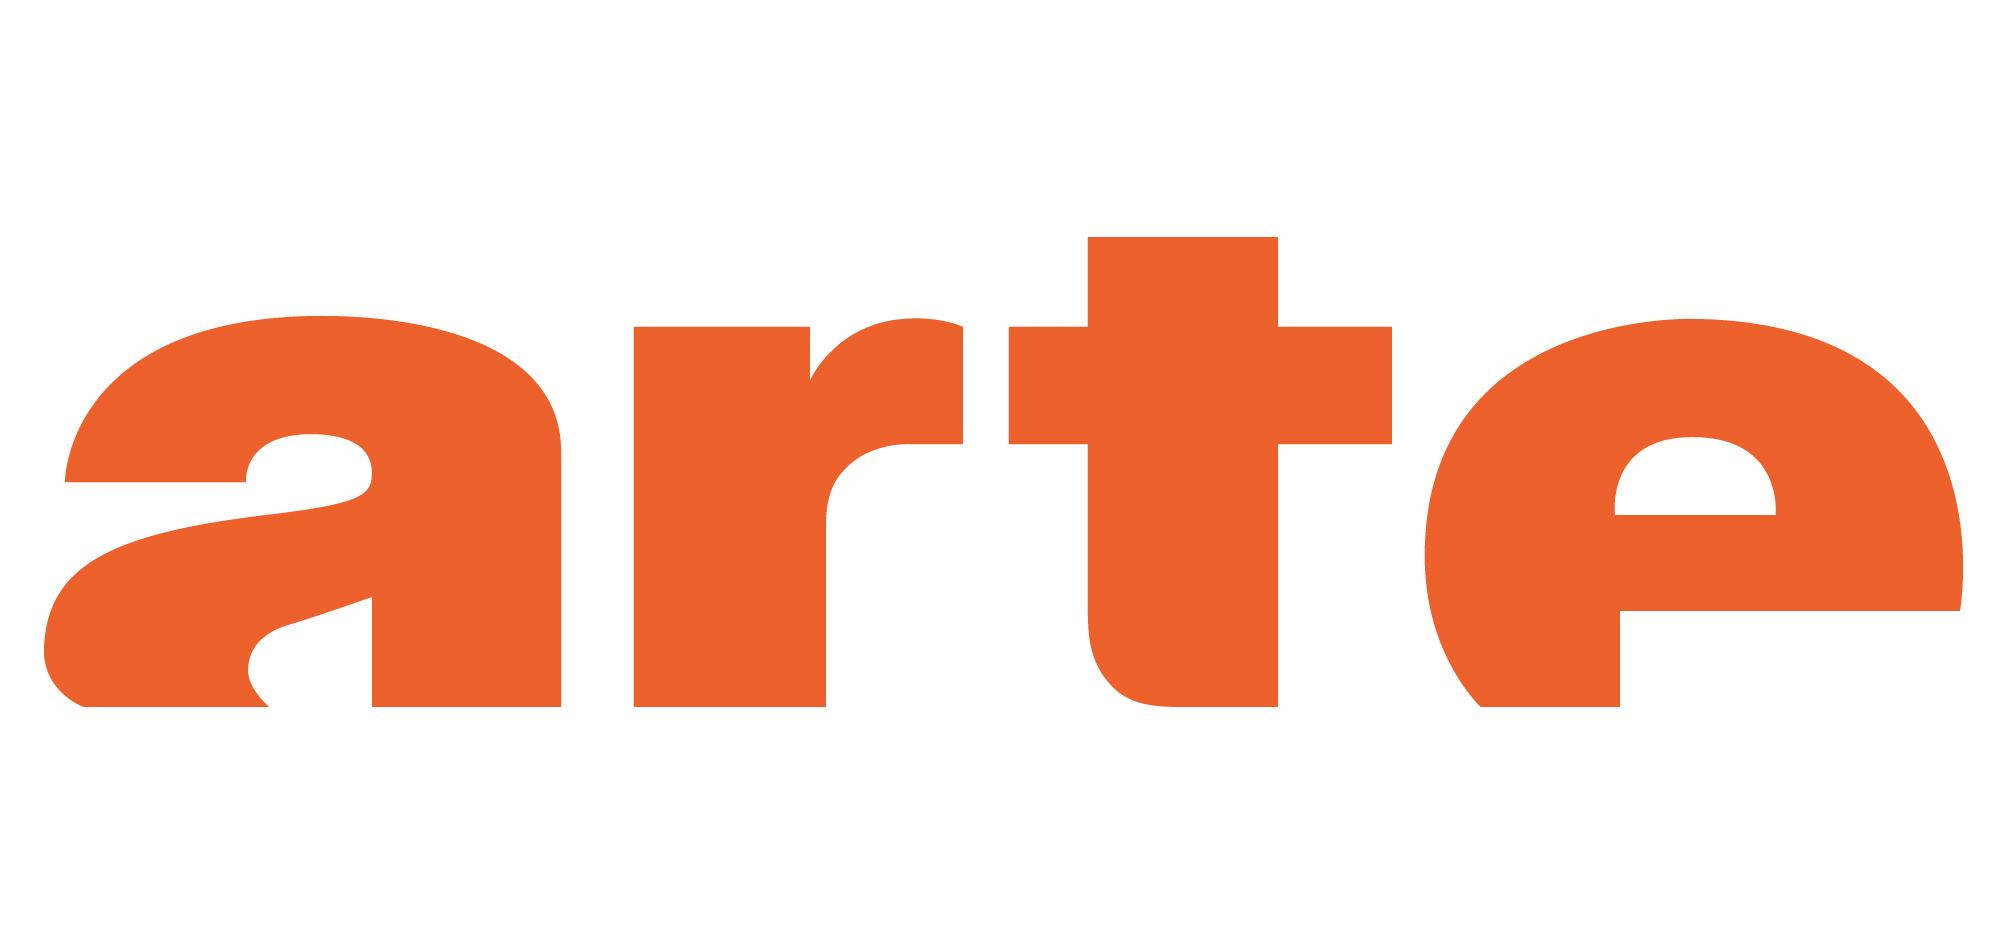 arte client étalonnage adr montage image mixage post-production marseille